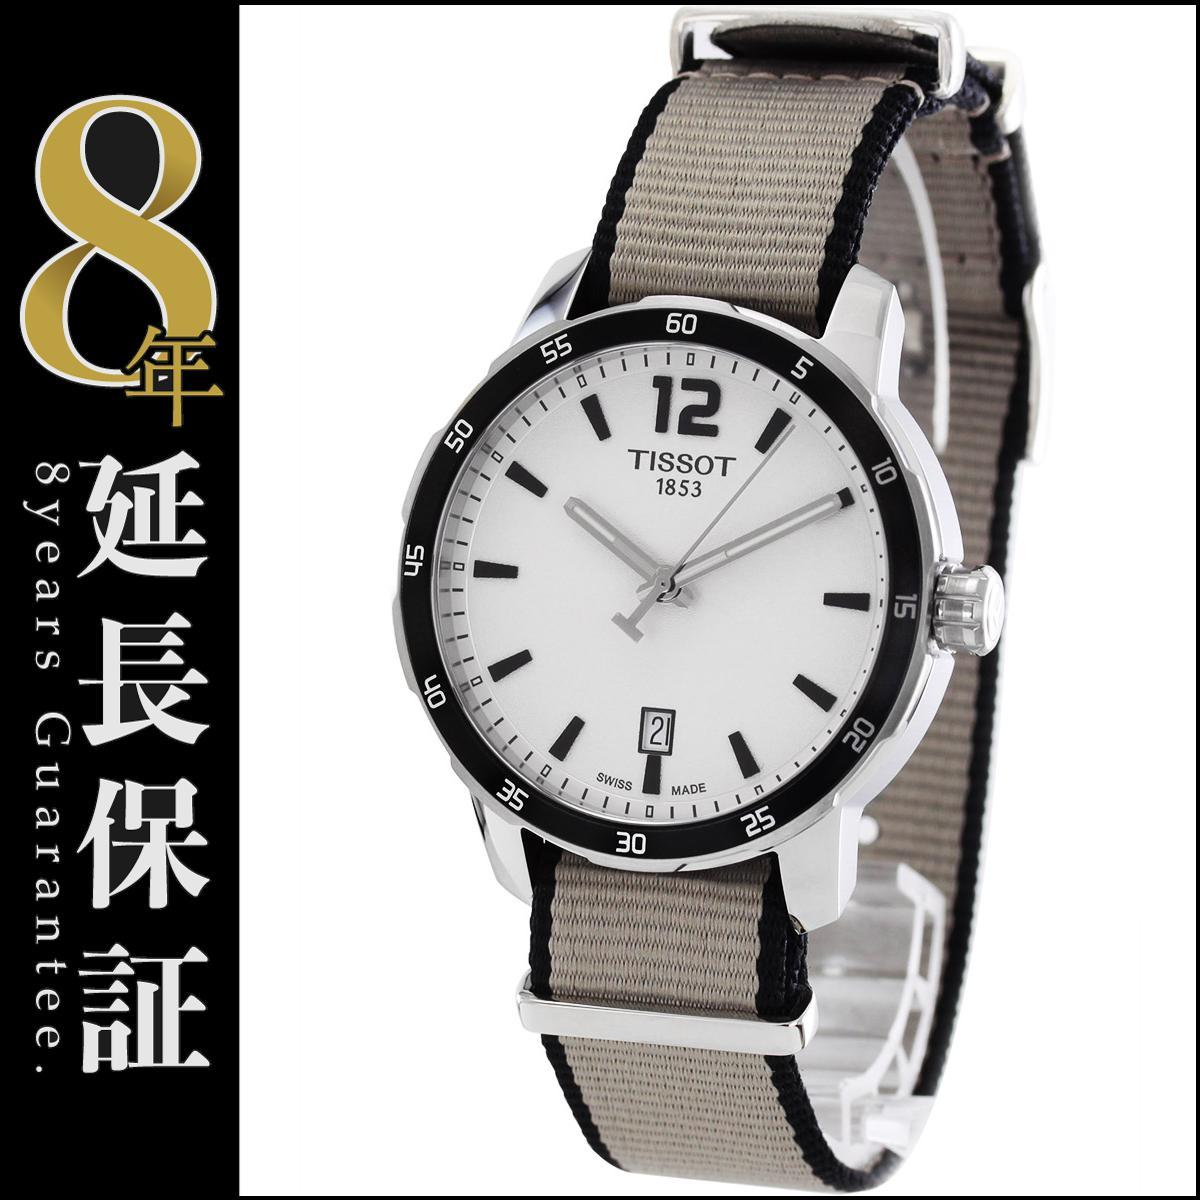 ティソ T-スポーツ クイックスター 替えベルト付き 腕時計 メンズ TISSOT T095.410.17.037.00_8